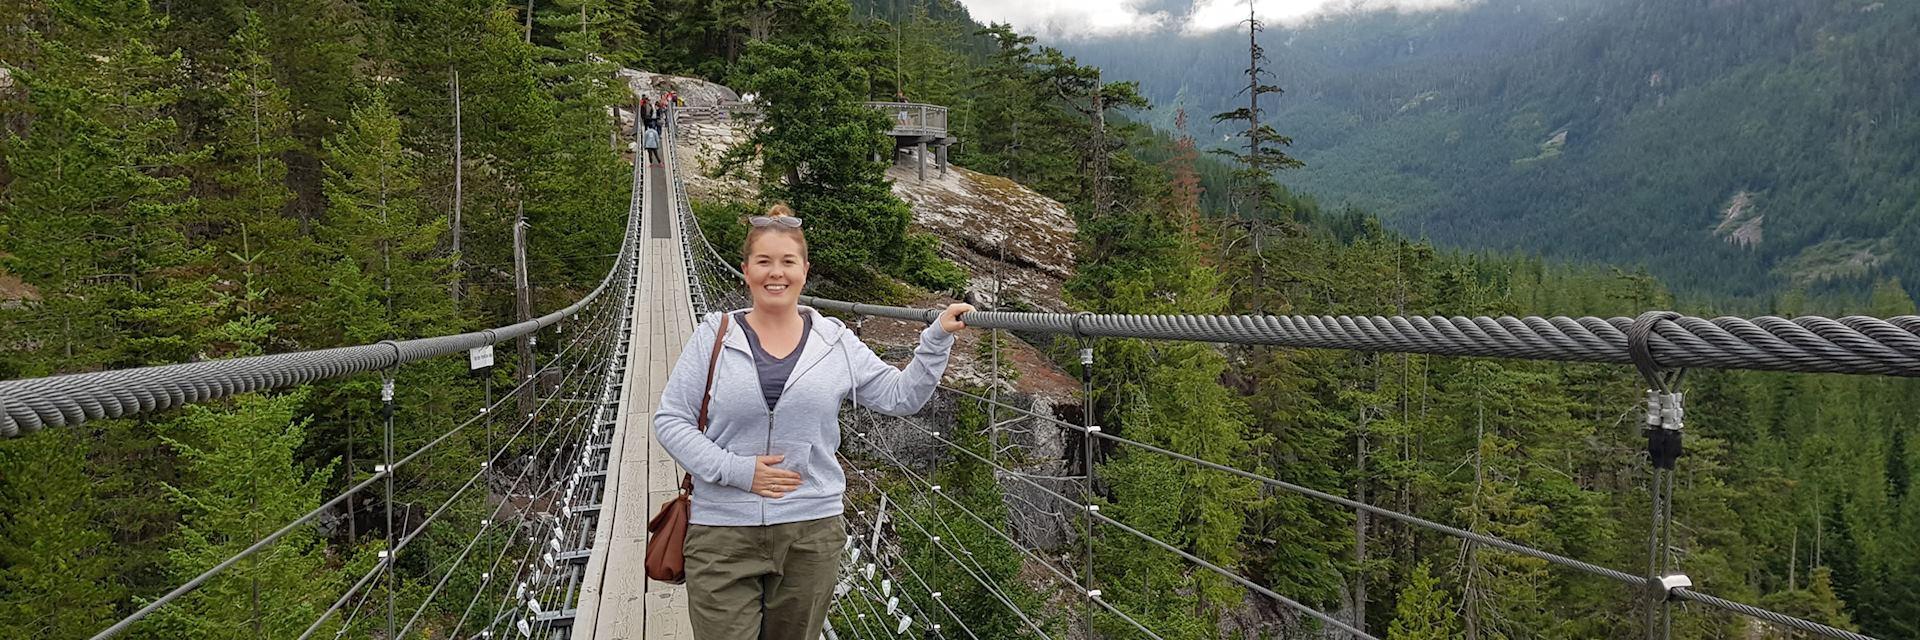 Fiona on Squamish Suspension Bridge, British Columbia